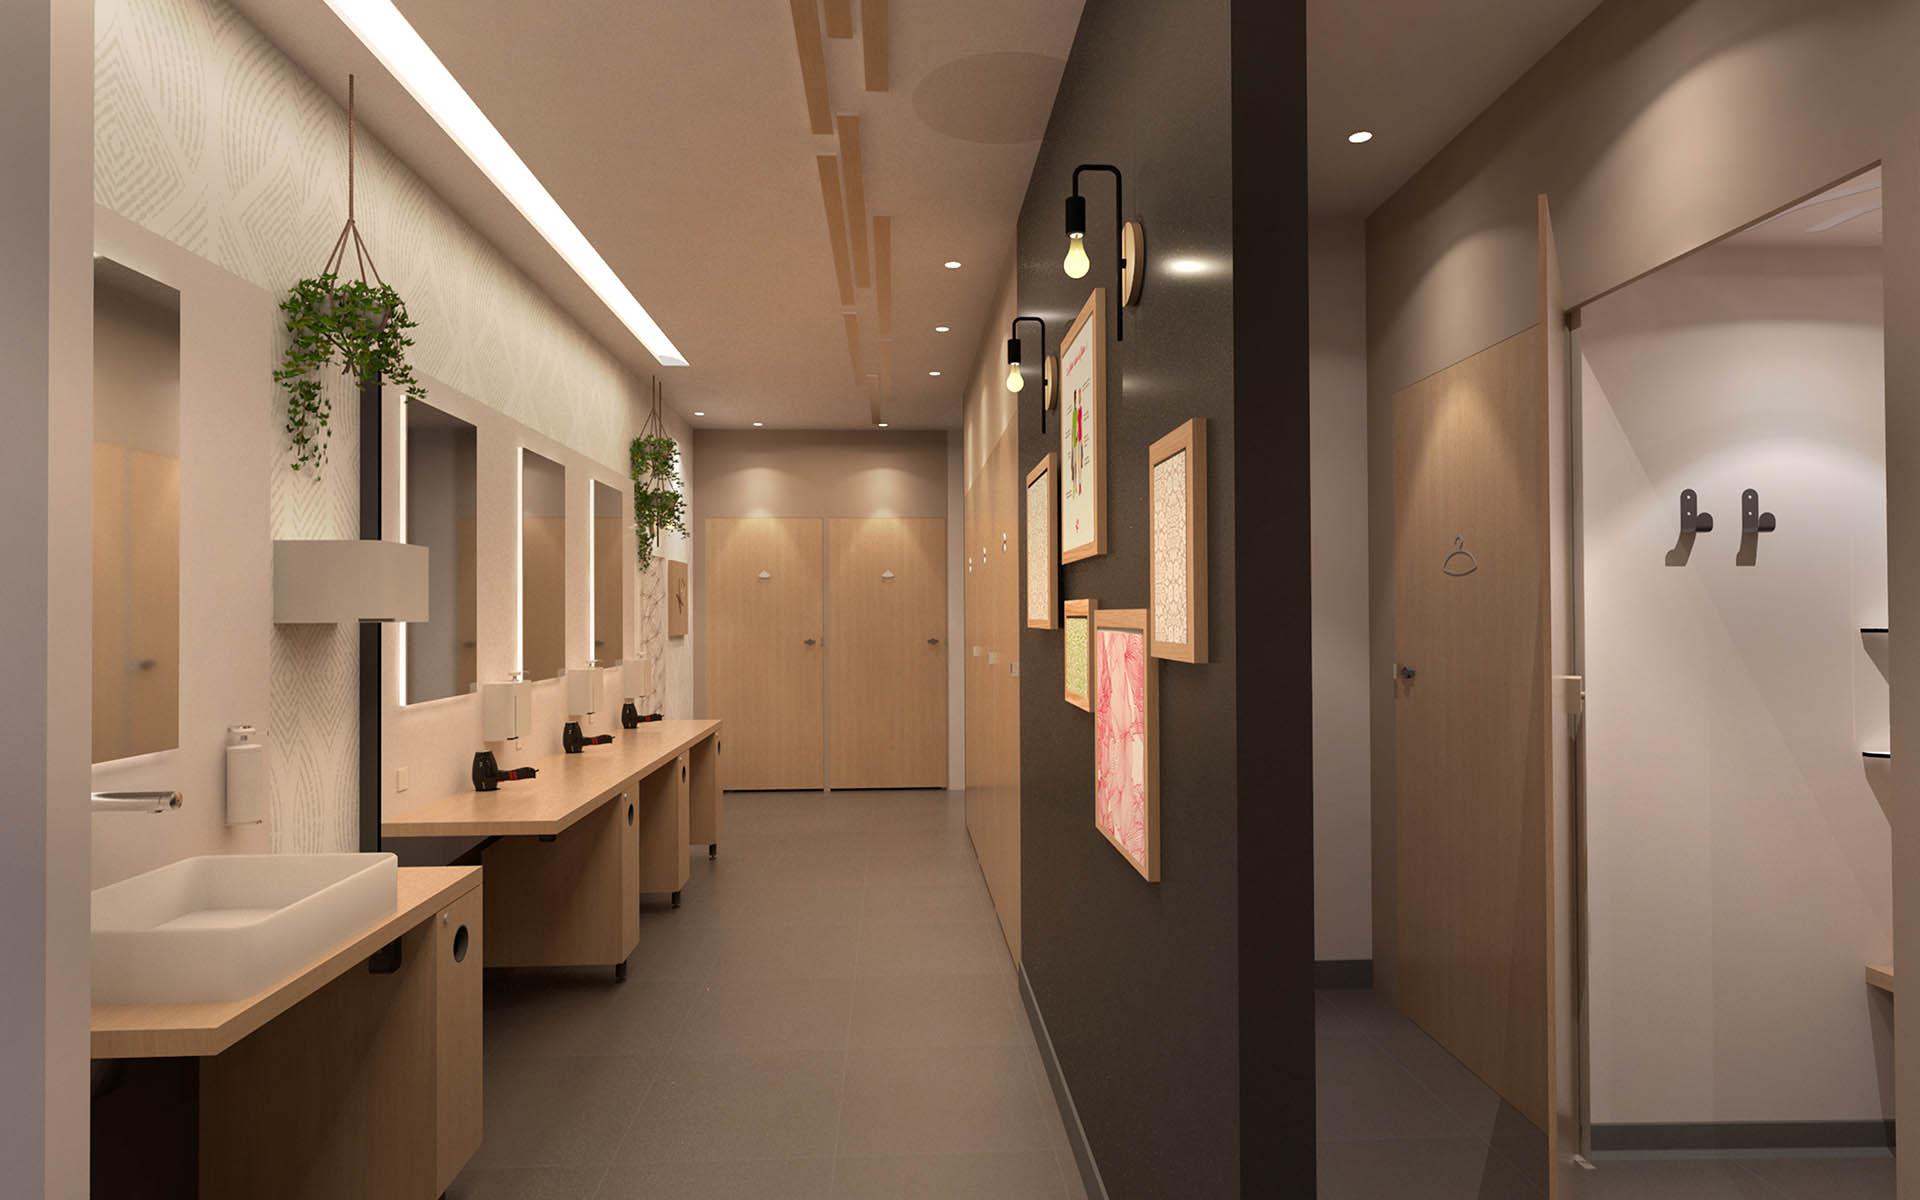 A architecte intérieur aix salle de sport (6)